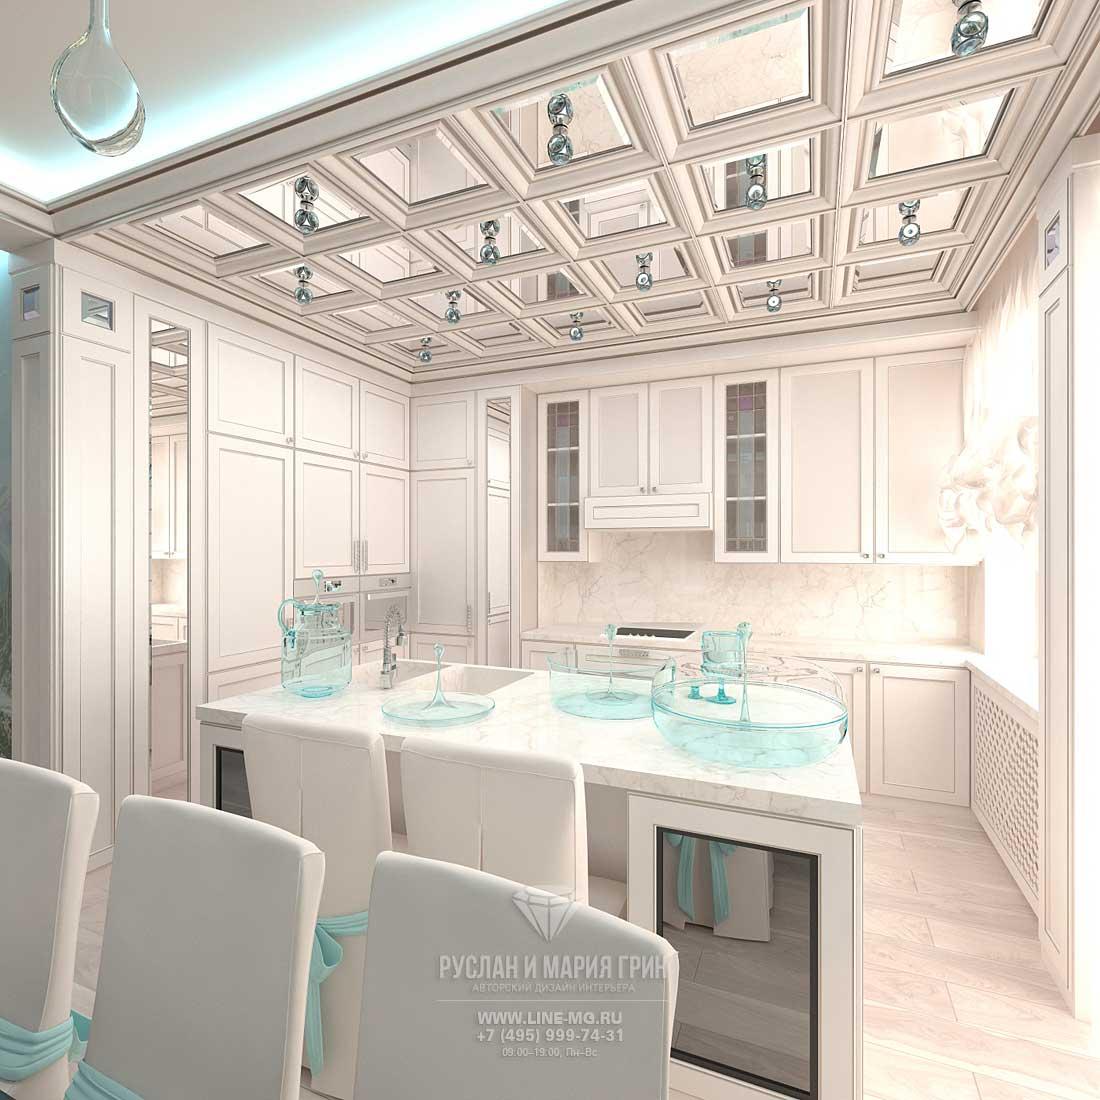 Неоклассическая кухня в белом цвете